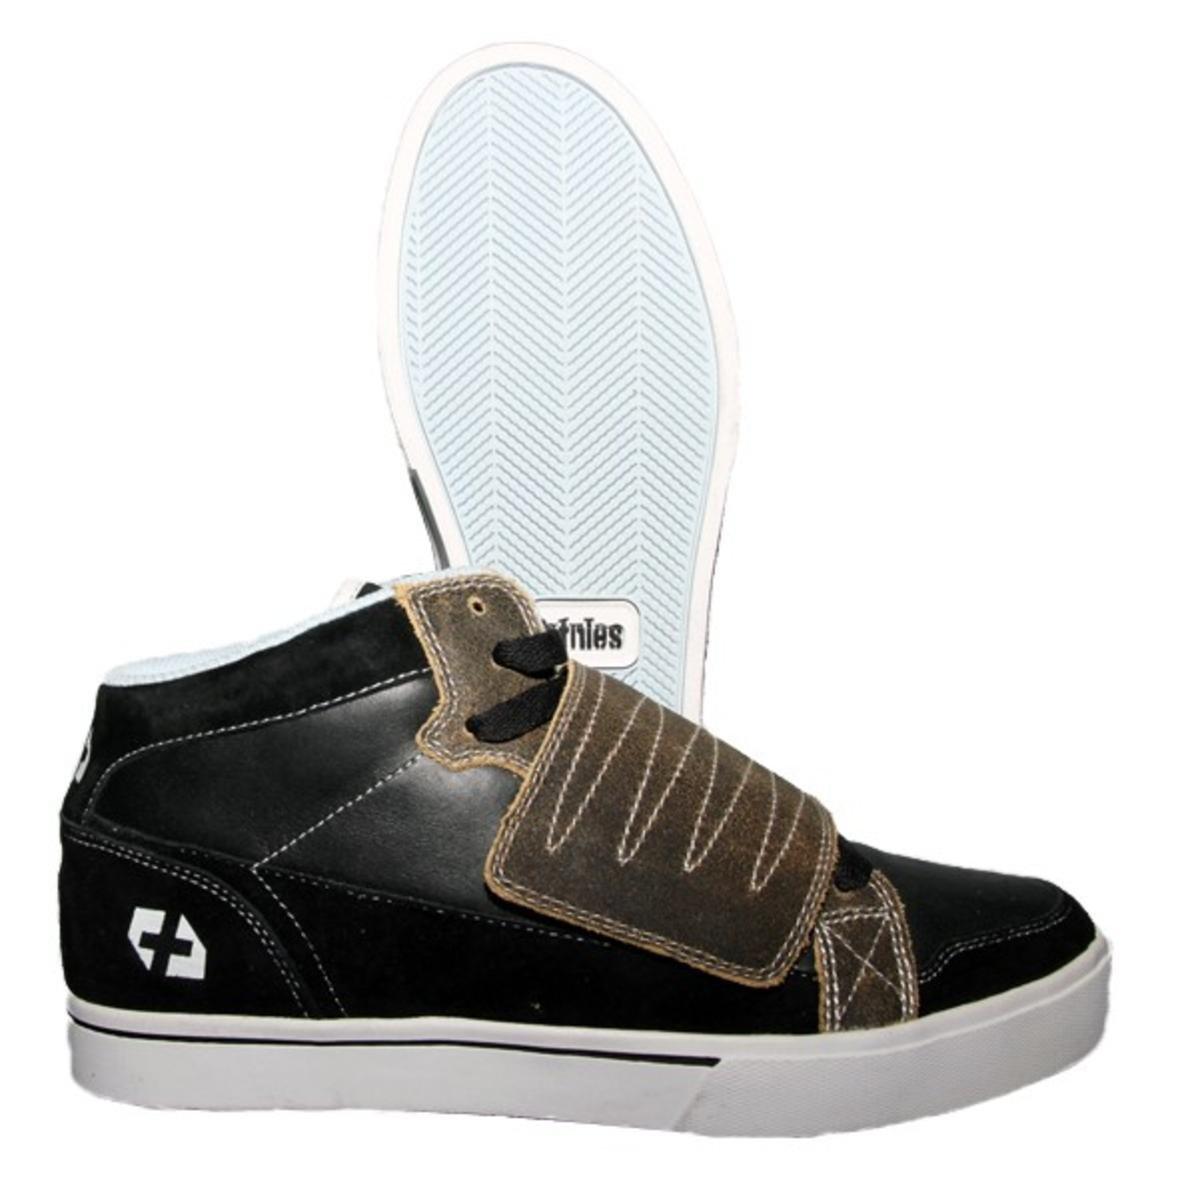 Etnies Skateboard Schuhe Etnies Plus Mid-Velcro Schwarz Braun